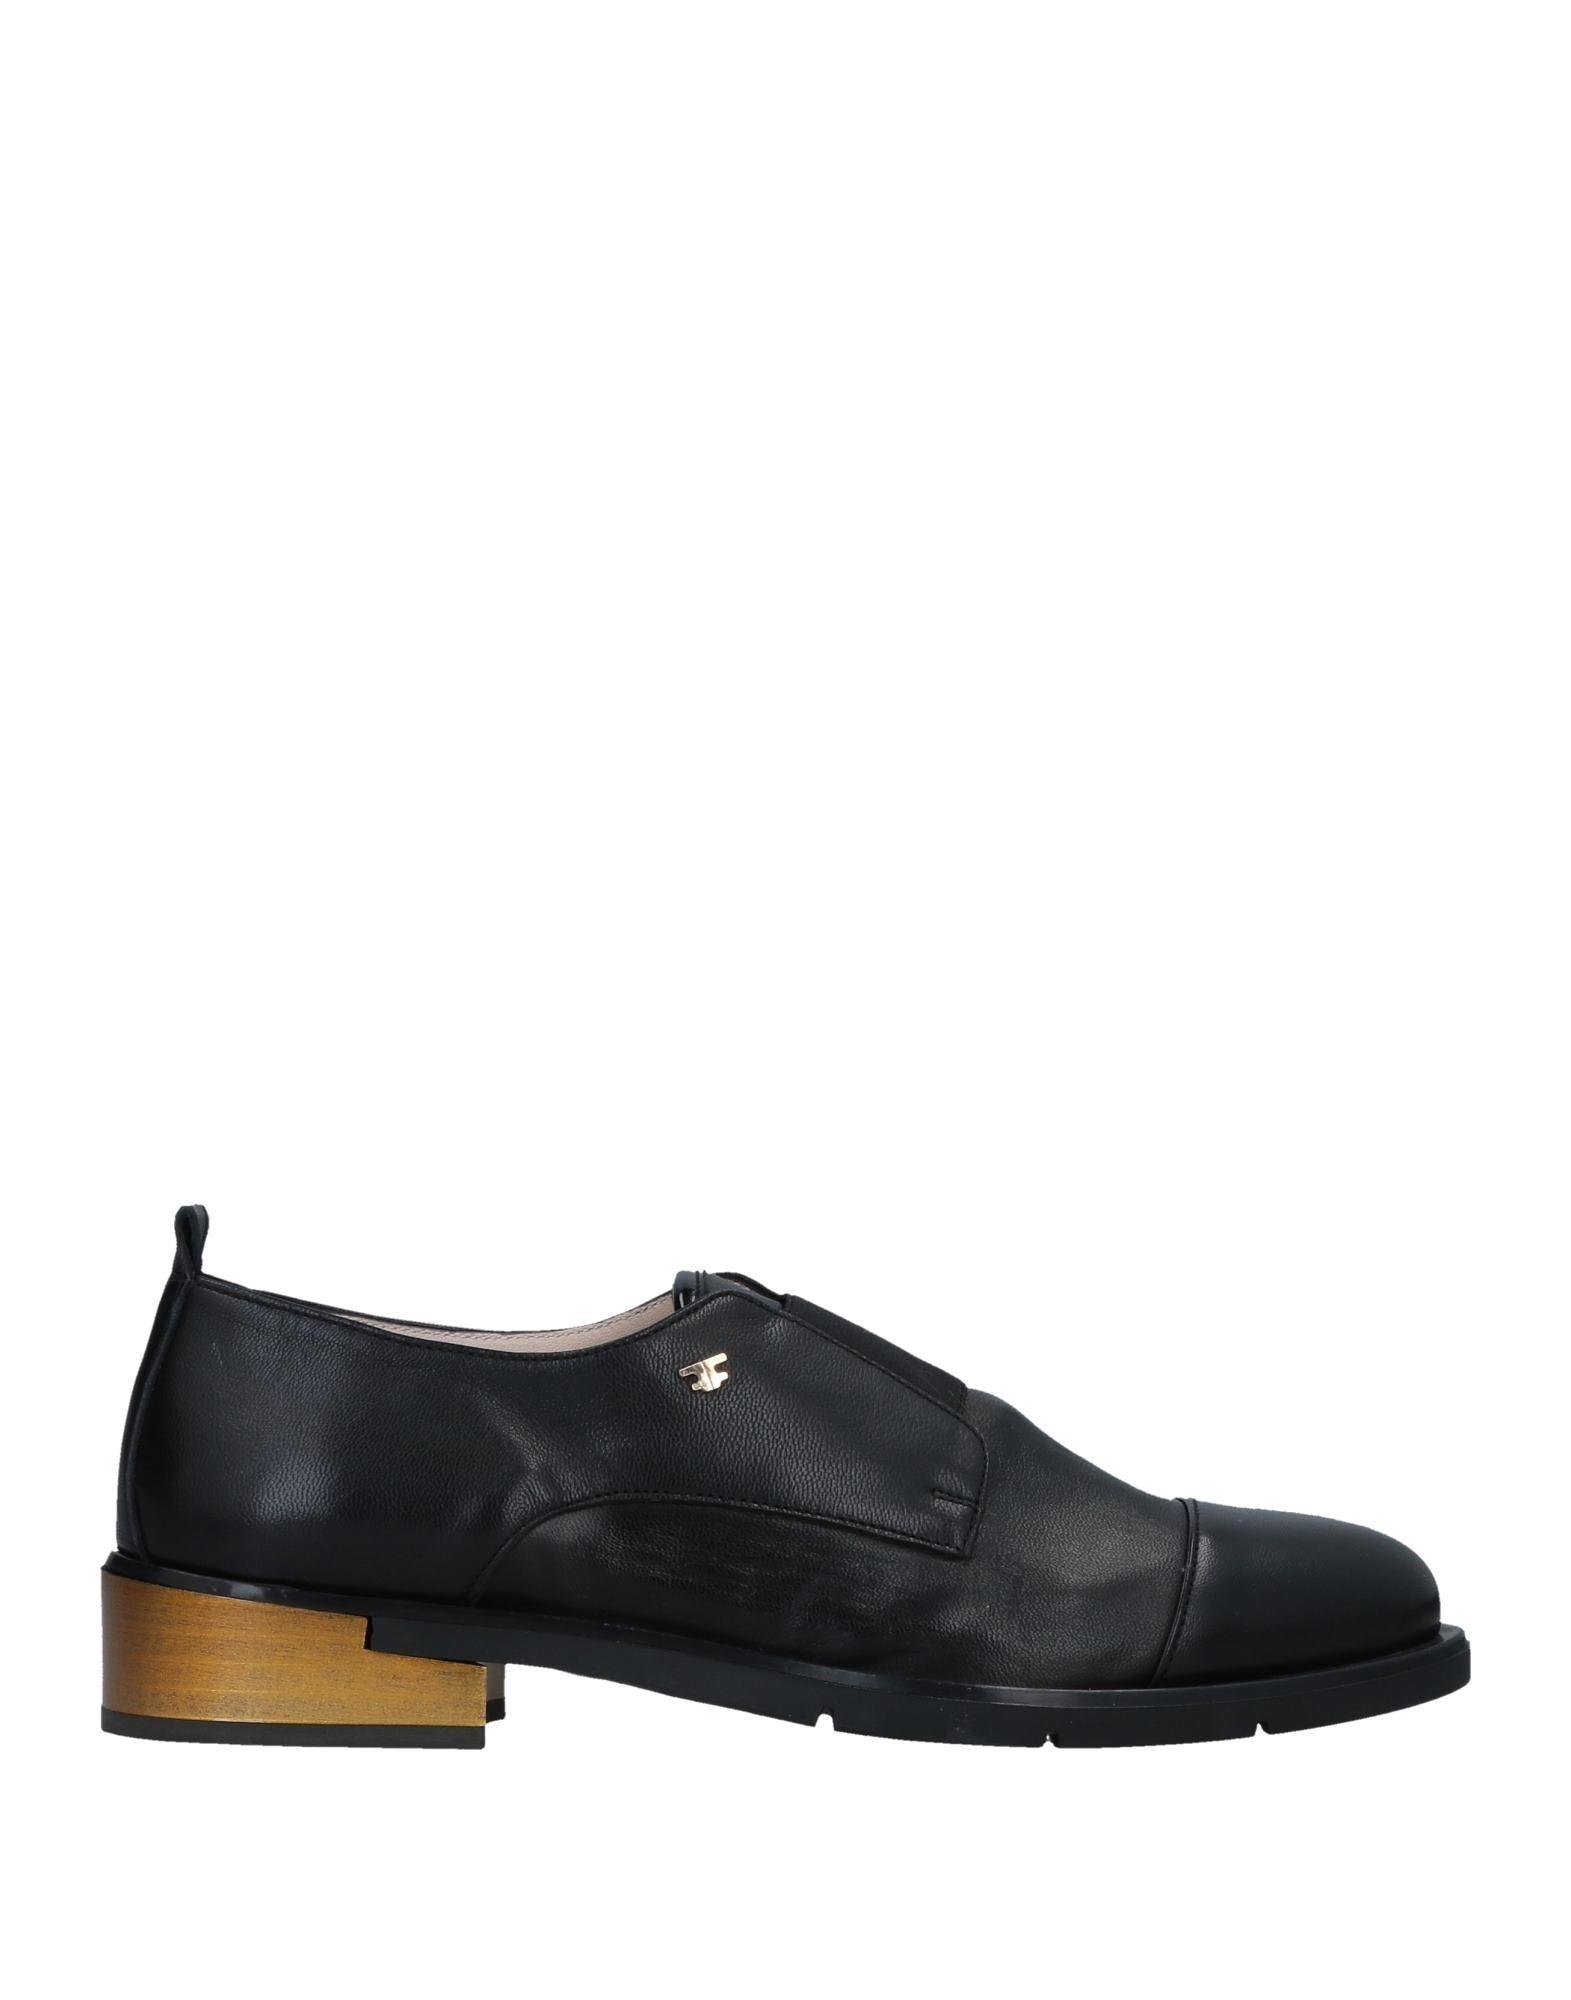 Fiorangelo Mokassins Damen Schuhe  11511519TFGut aussehende strapazierfähige Schuhe Damen 3d72a5